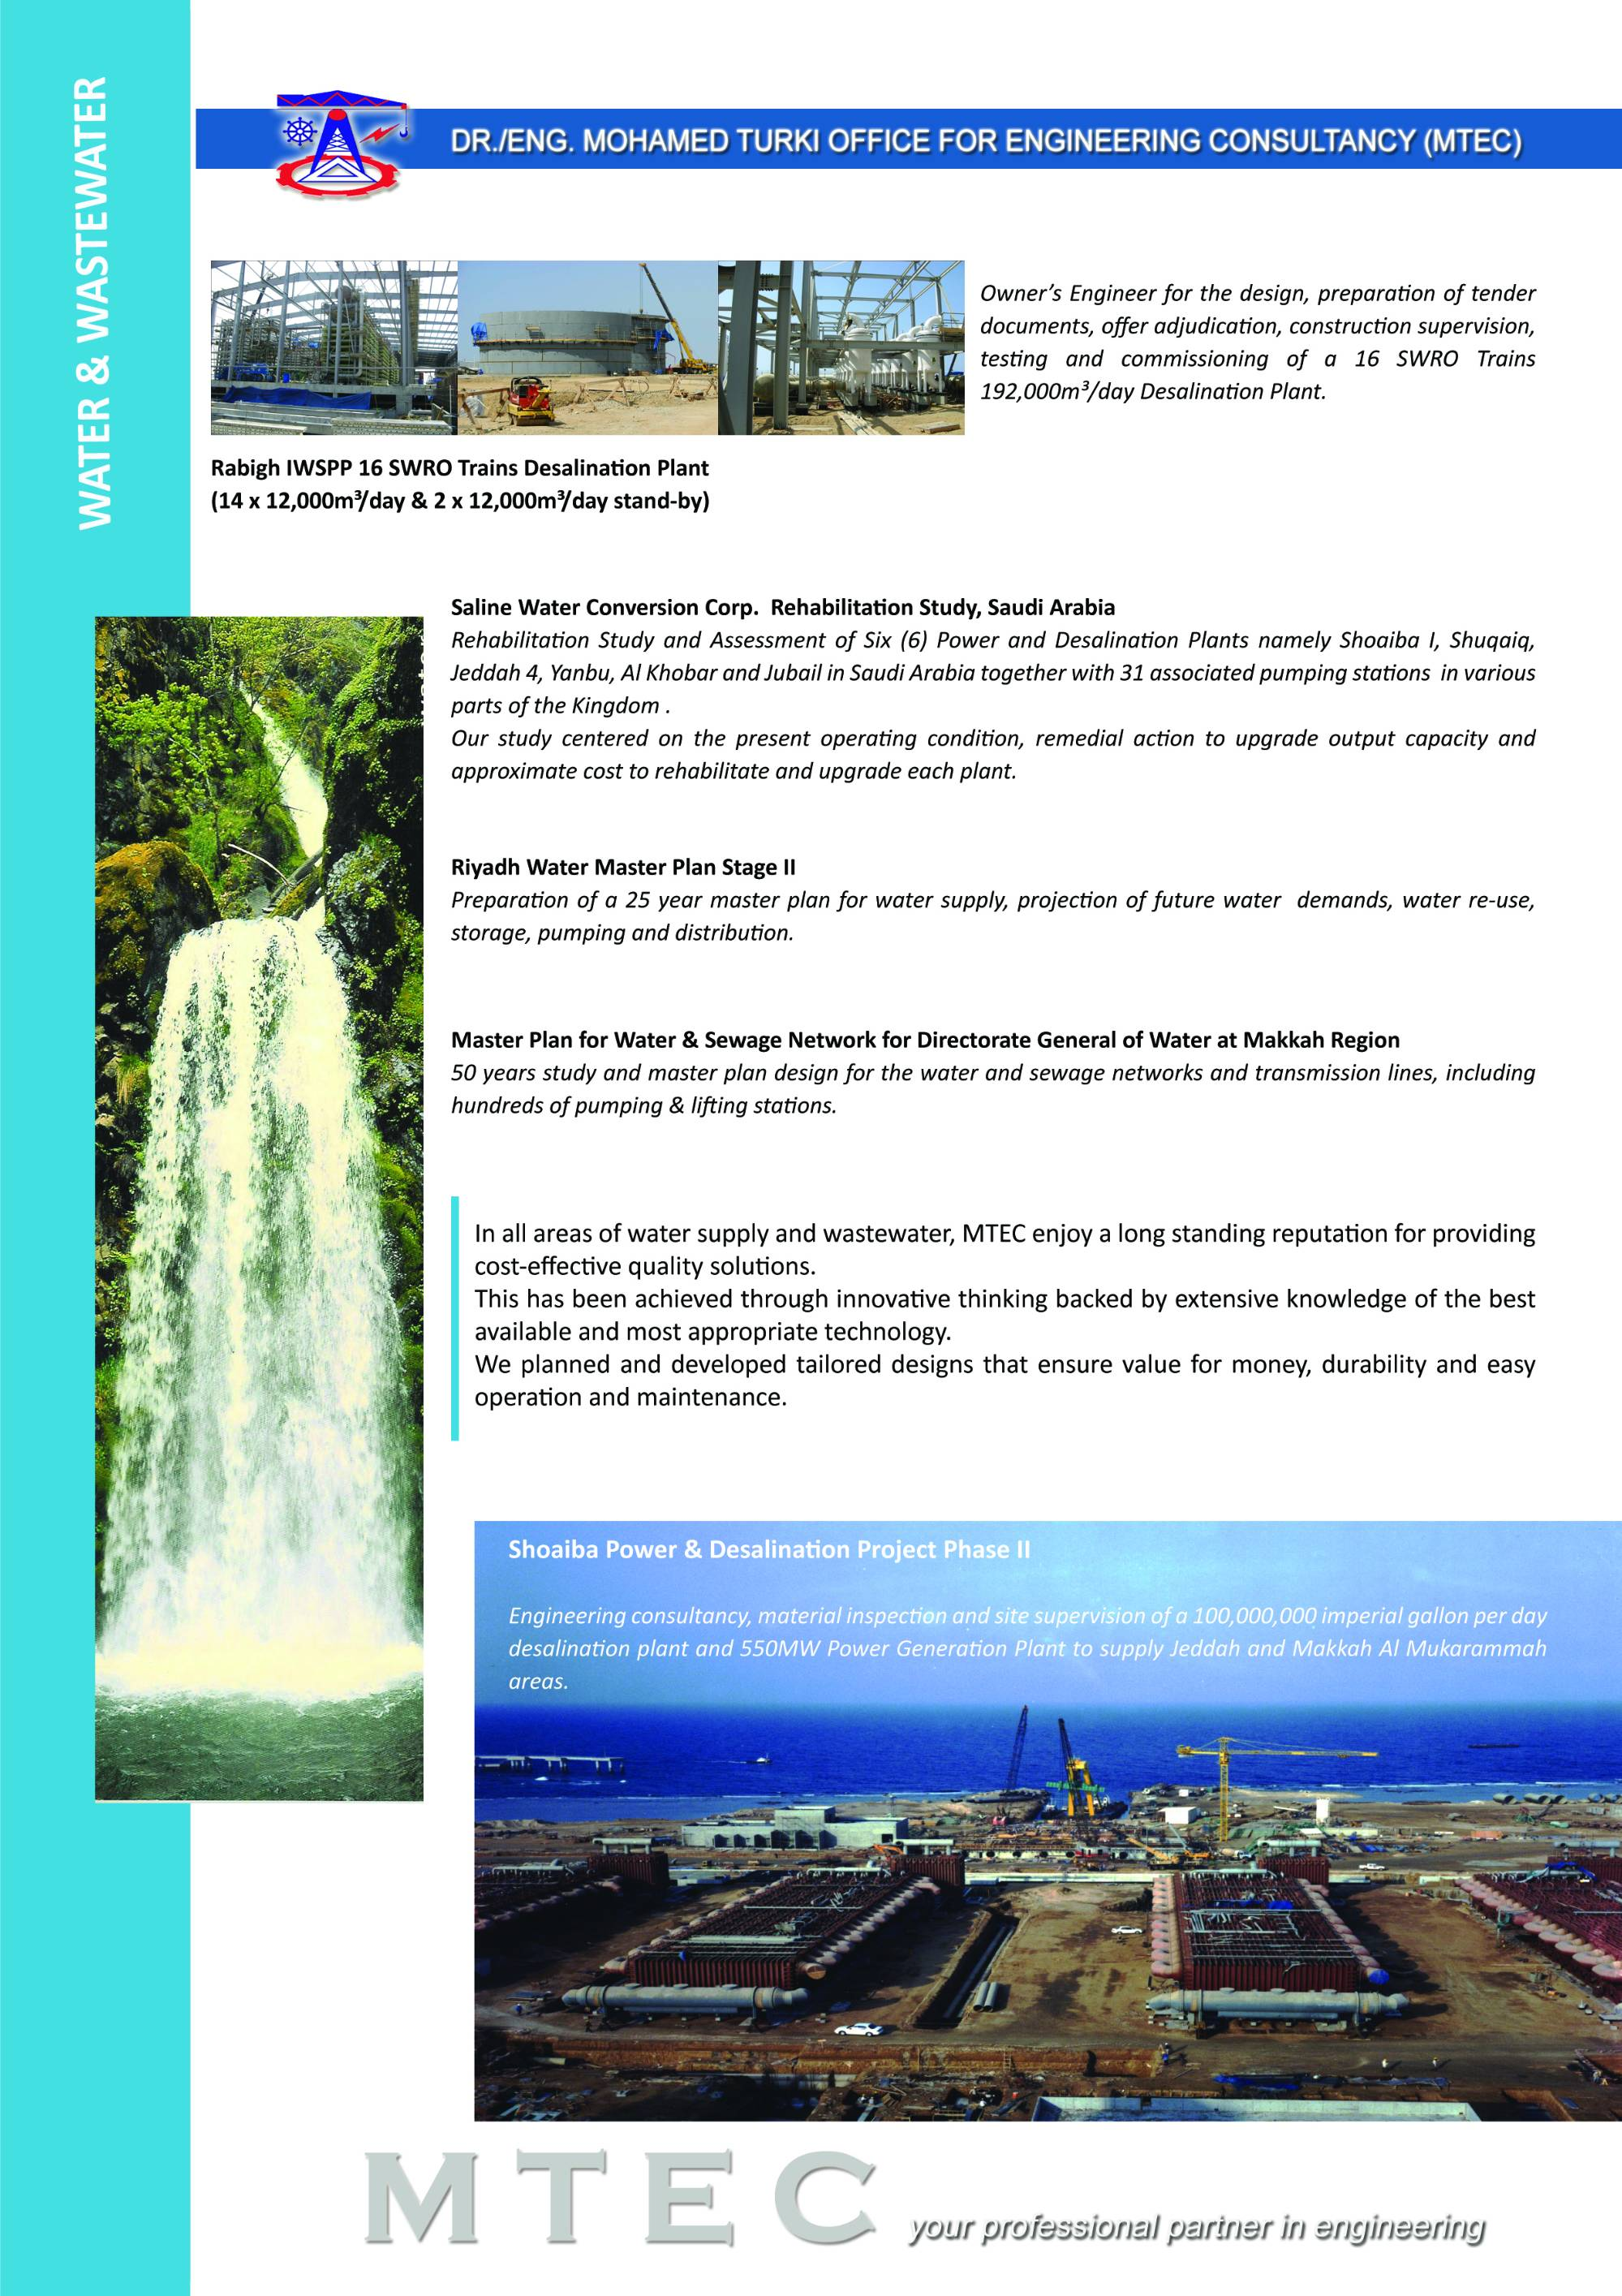 mtec brochure 10 water 1 1999x2829